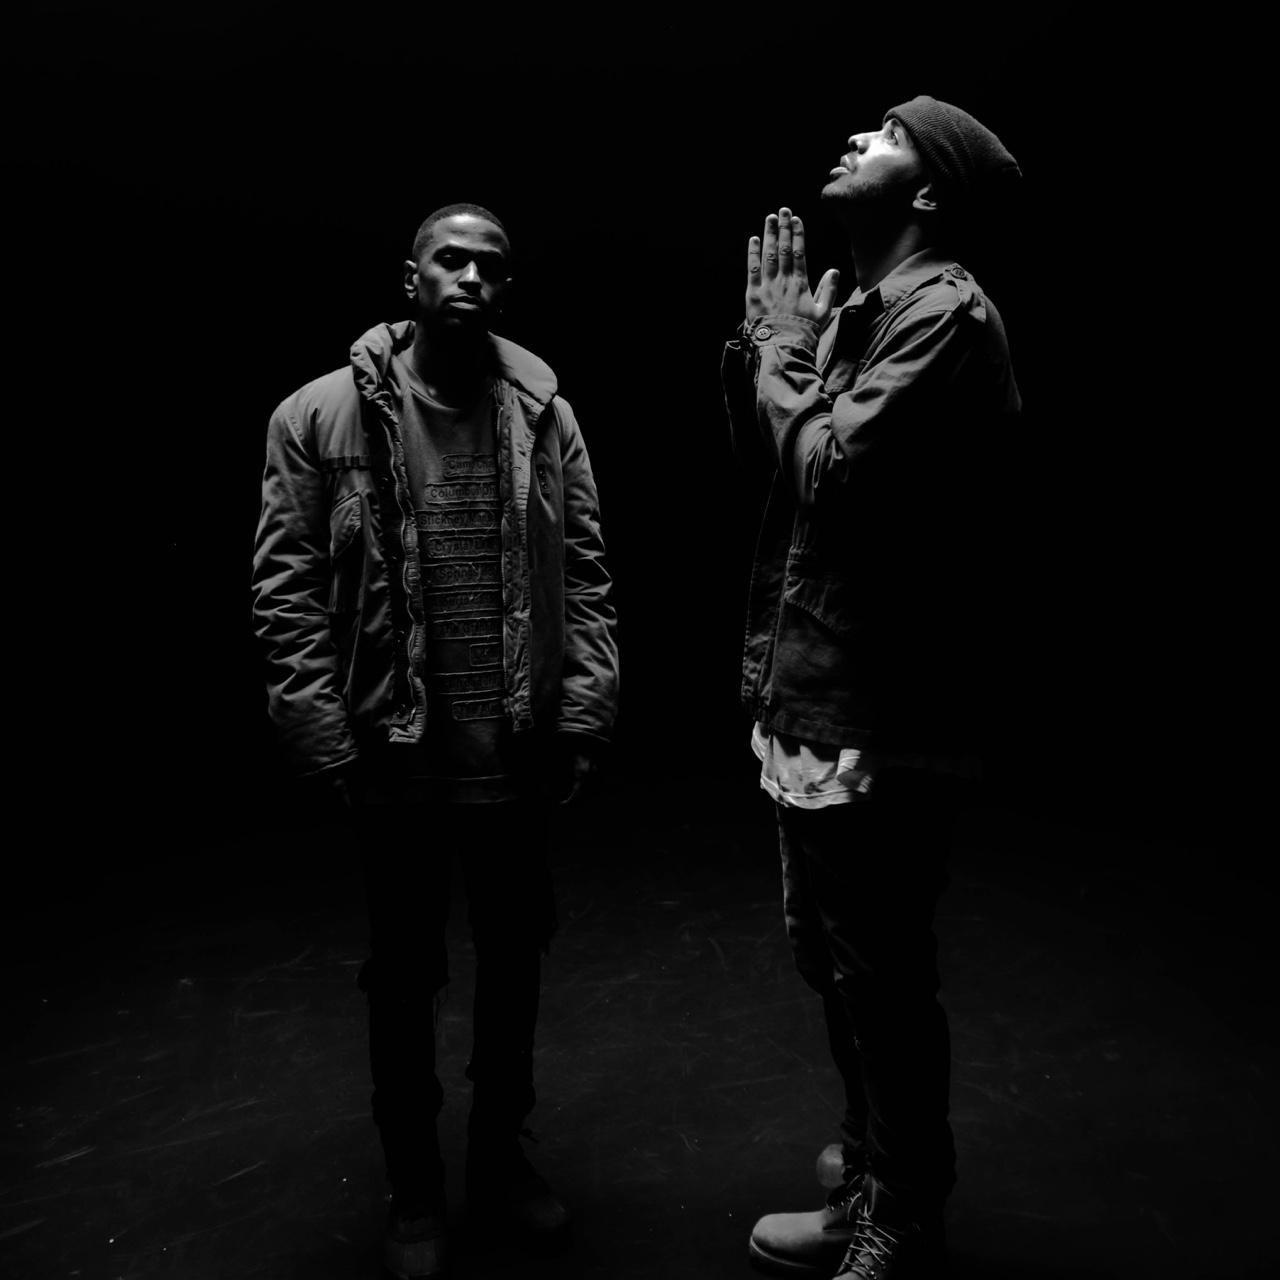 Big Sean and Drake